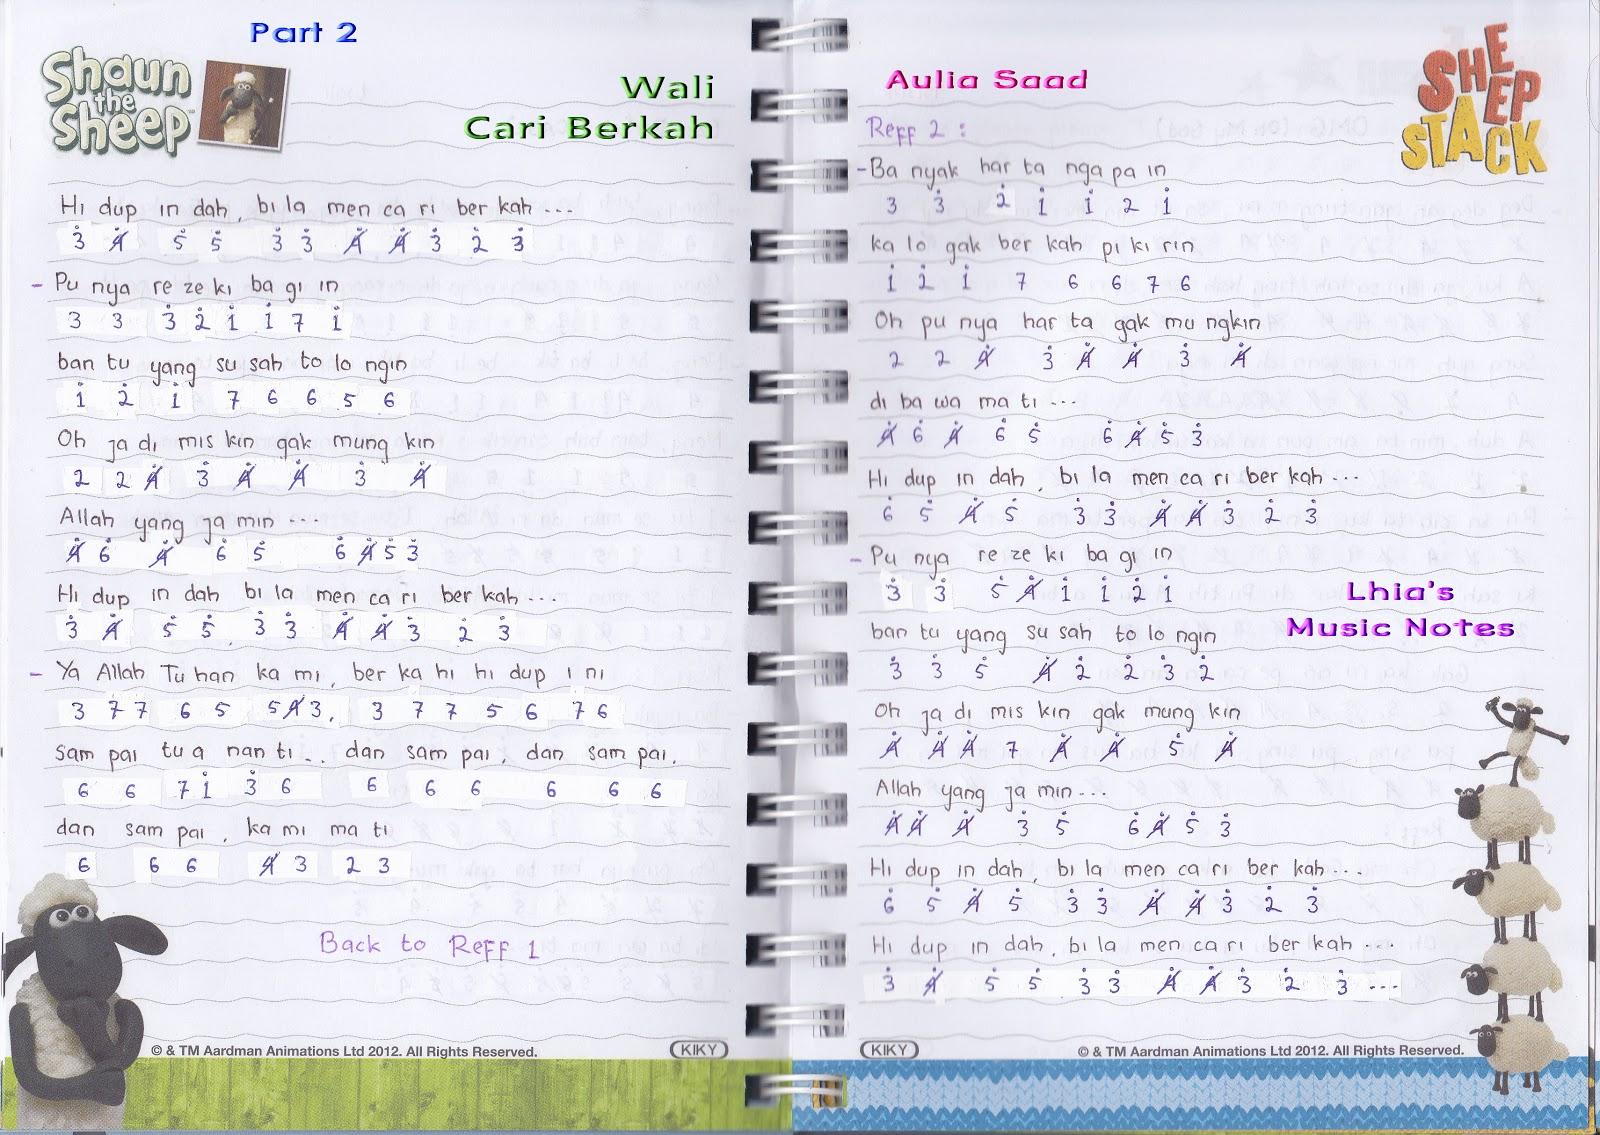 Wali - Cari Berkah (Part 1 & 2)